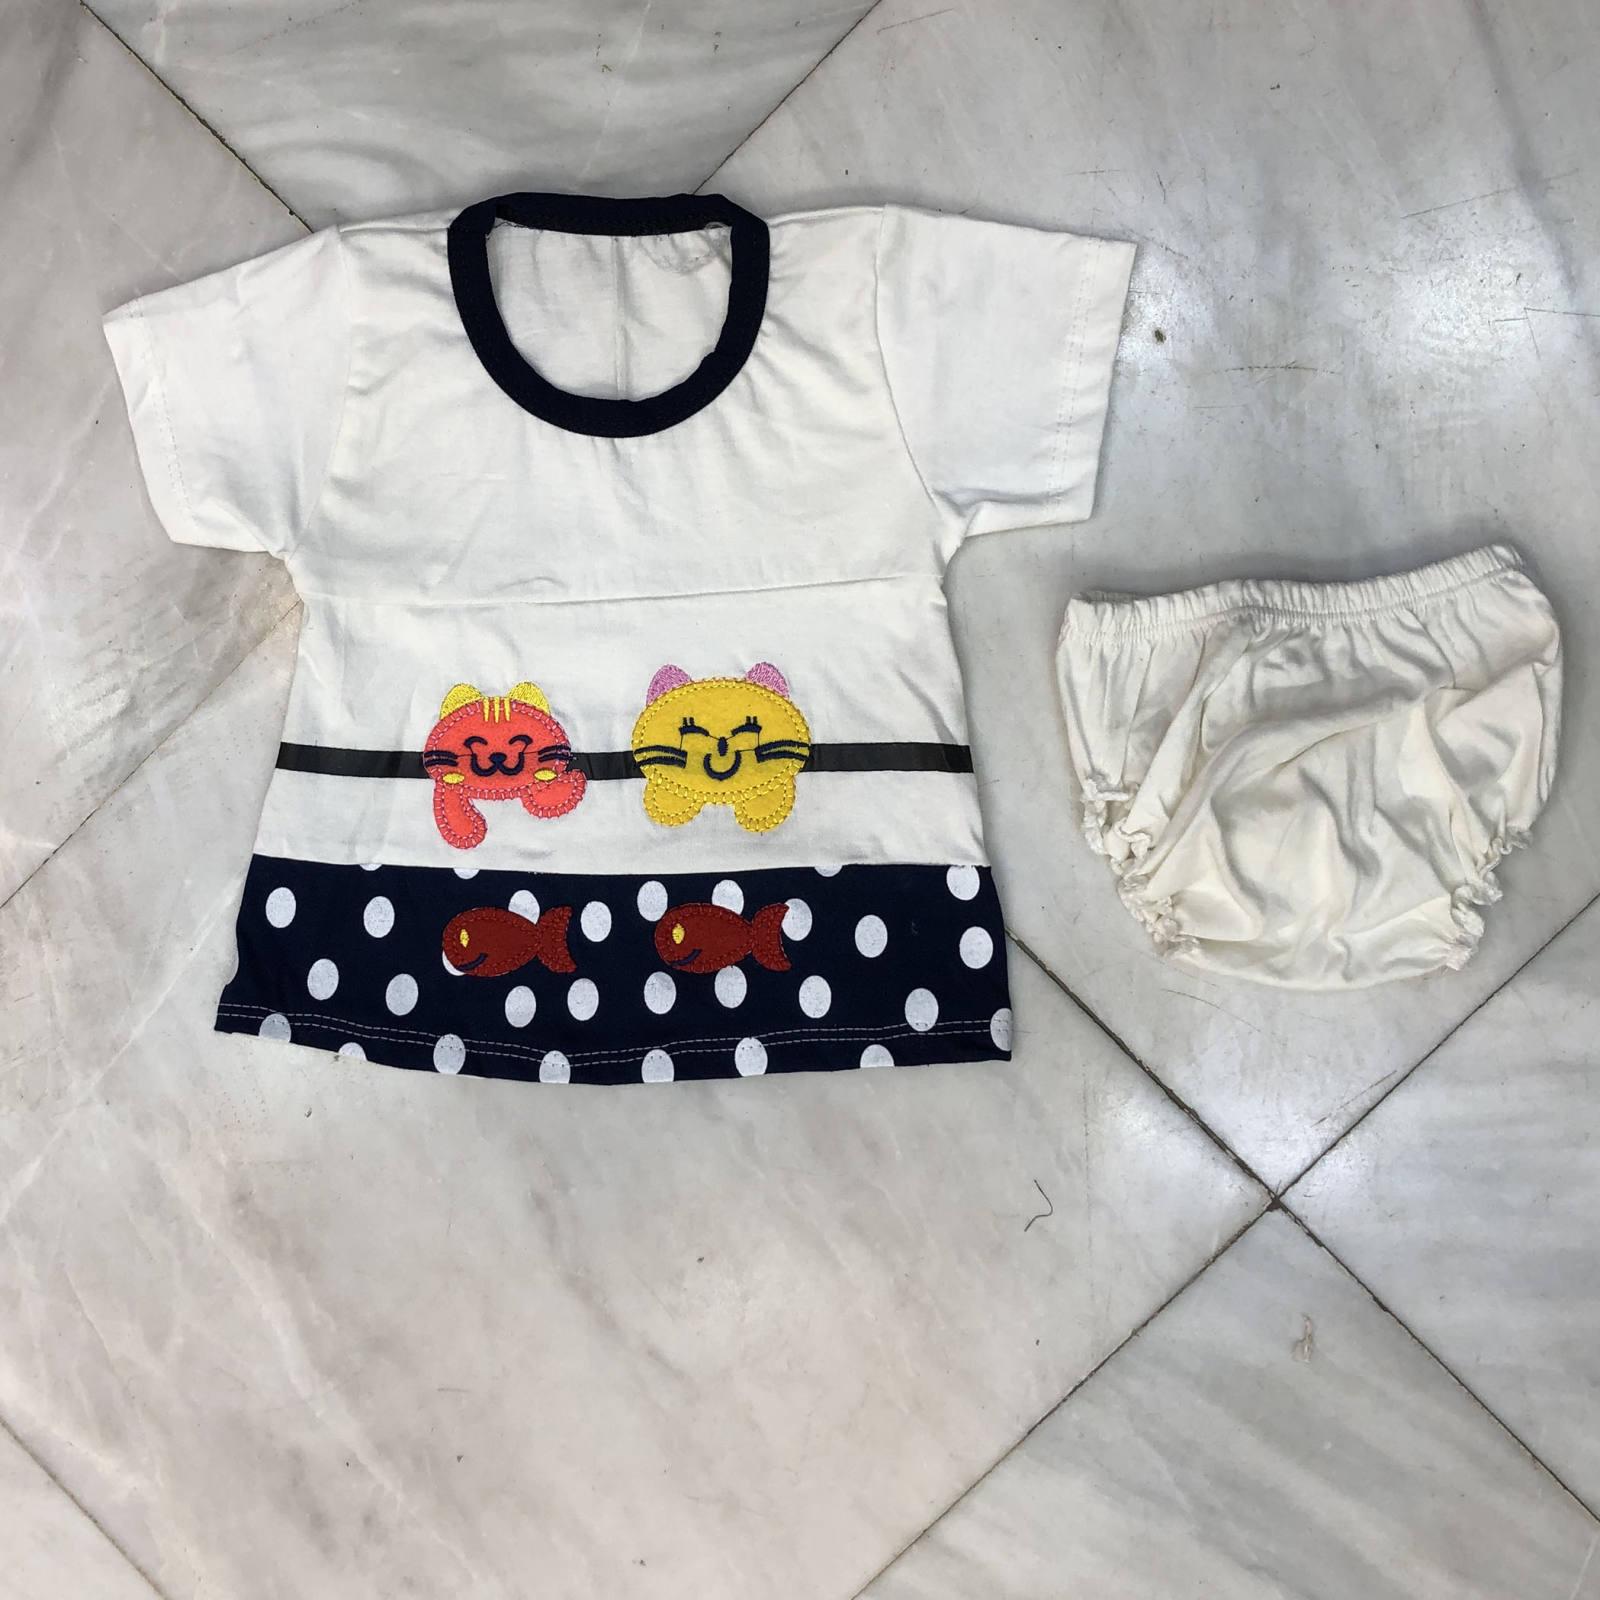 ست تی شرت و شورت نوزادی دخترانه مدل A&S7173 -  - 3